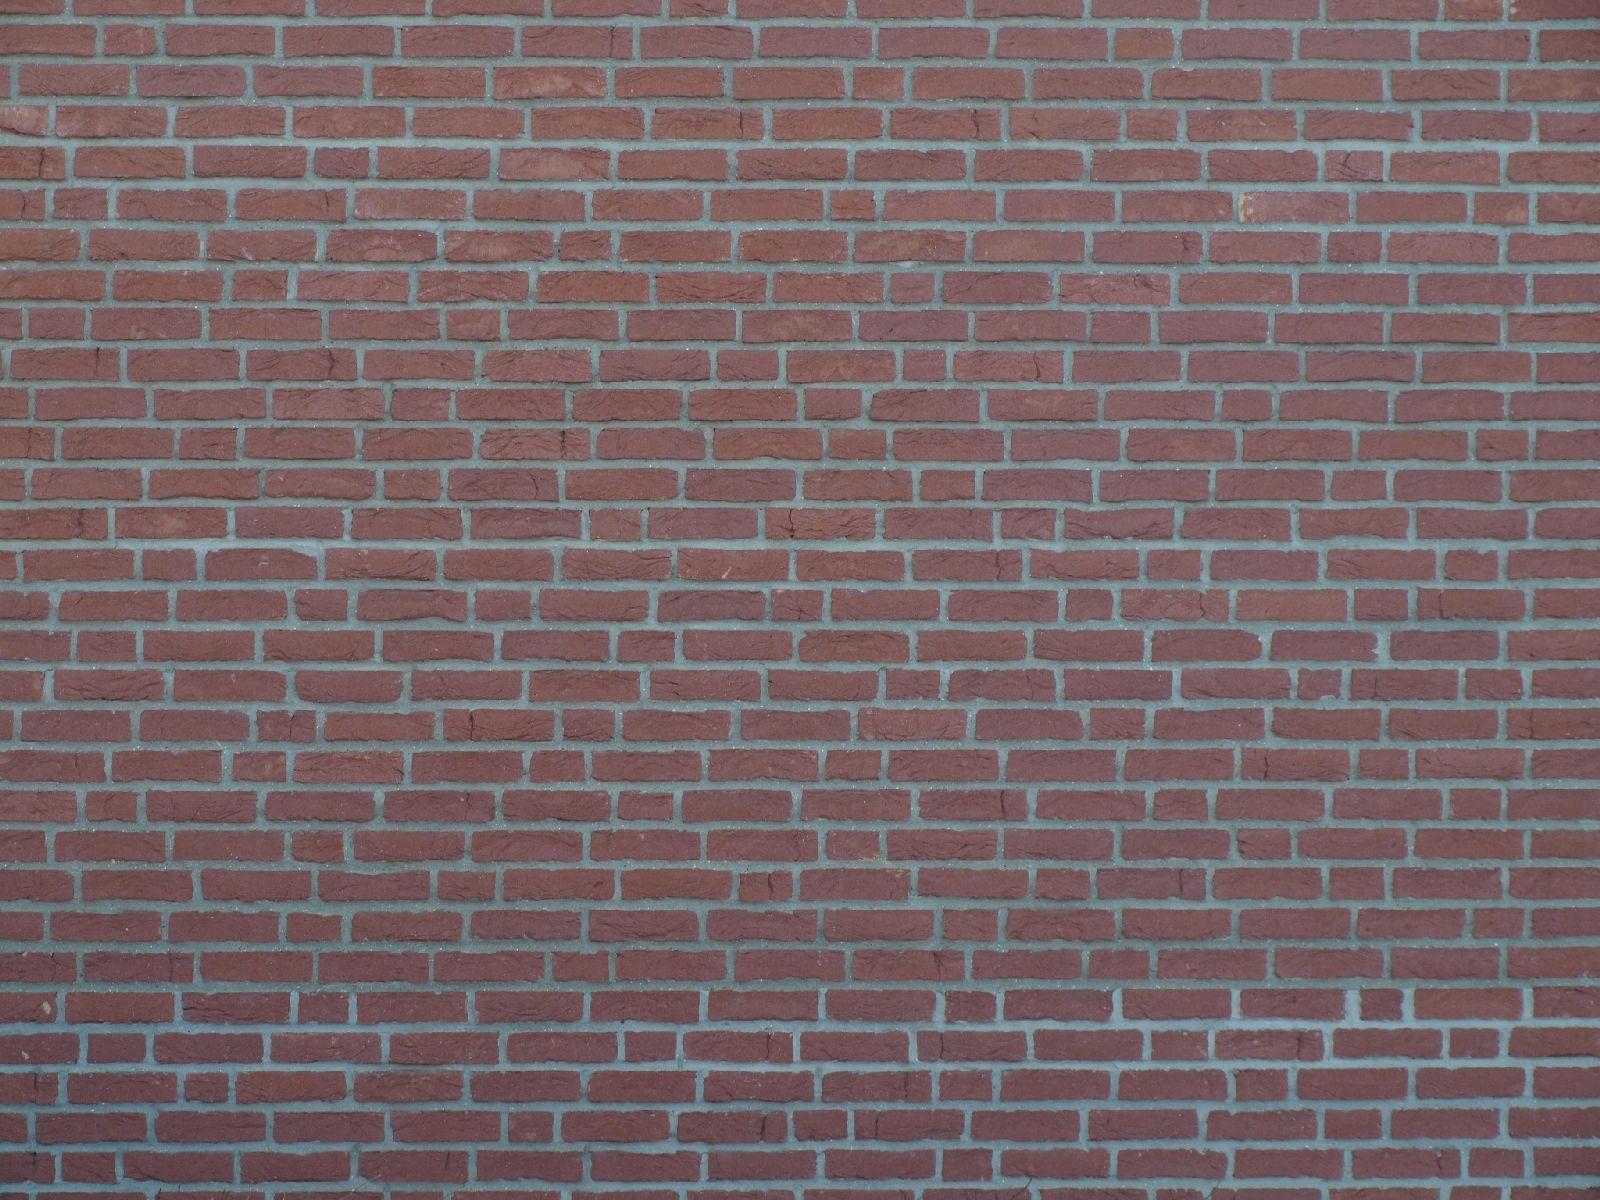 Brick_Texture_A_P1109018